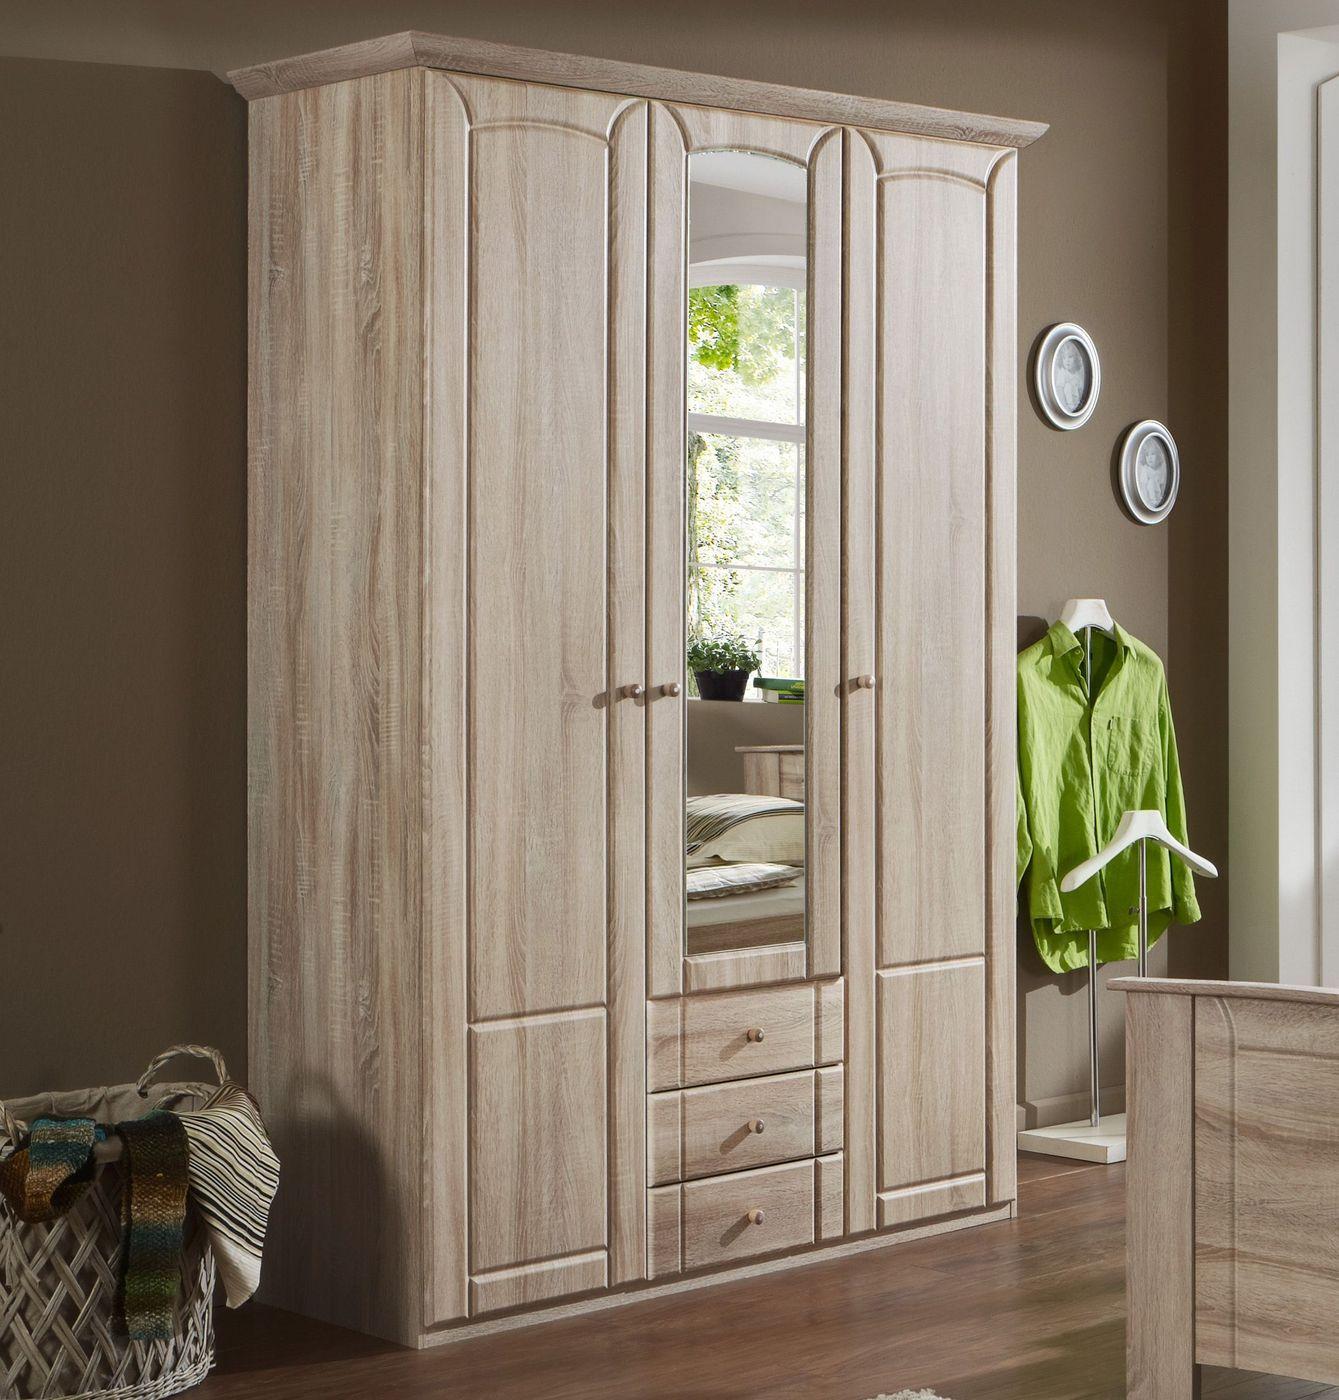 Funktions-Kleiderschrank mit Spiegel und Schubladen - Carpina